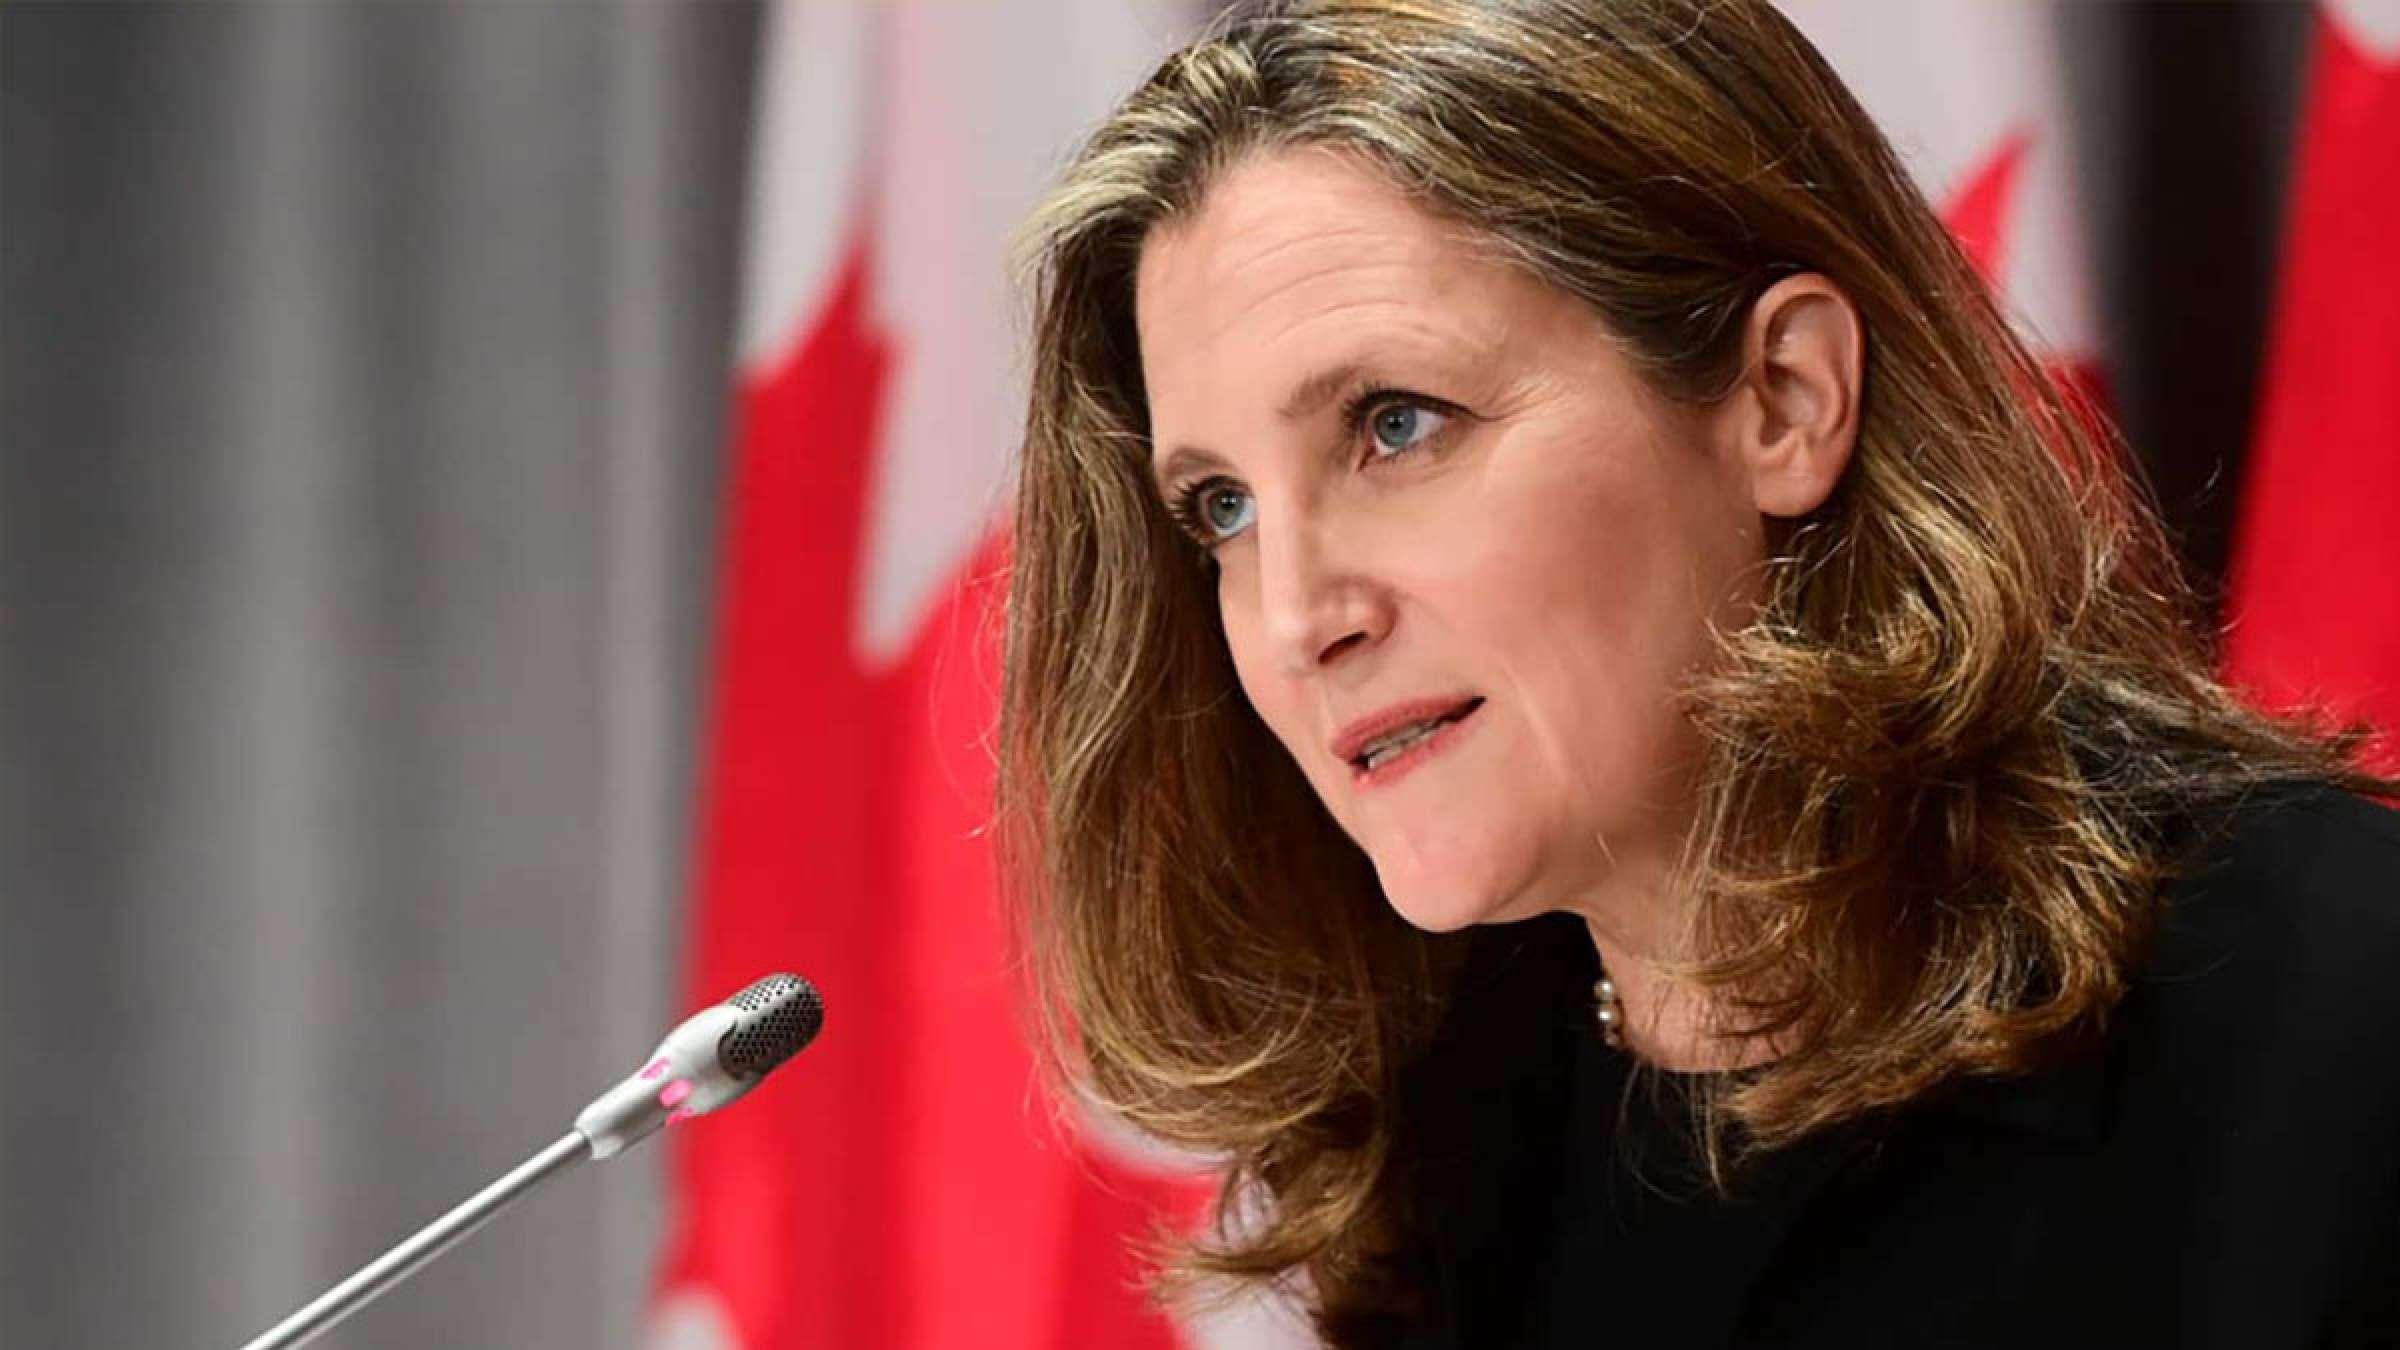 اخبار-کانادا-شرایط-و-چگونگی-دریافت-مبلغ-اجاره-بیزینس-ها-از-دولت-کانادا-اعلان-شد